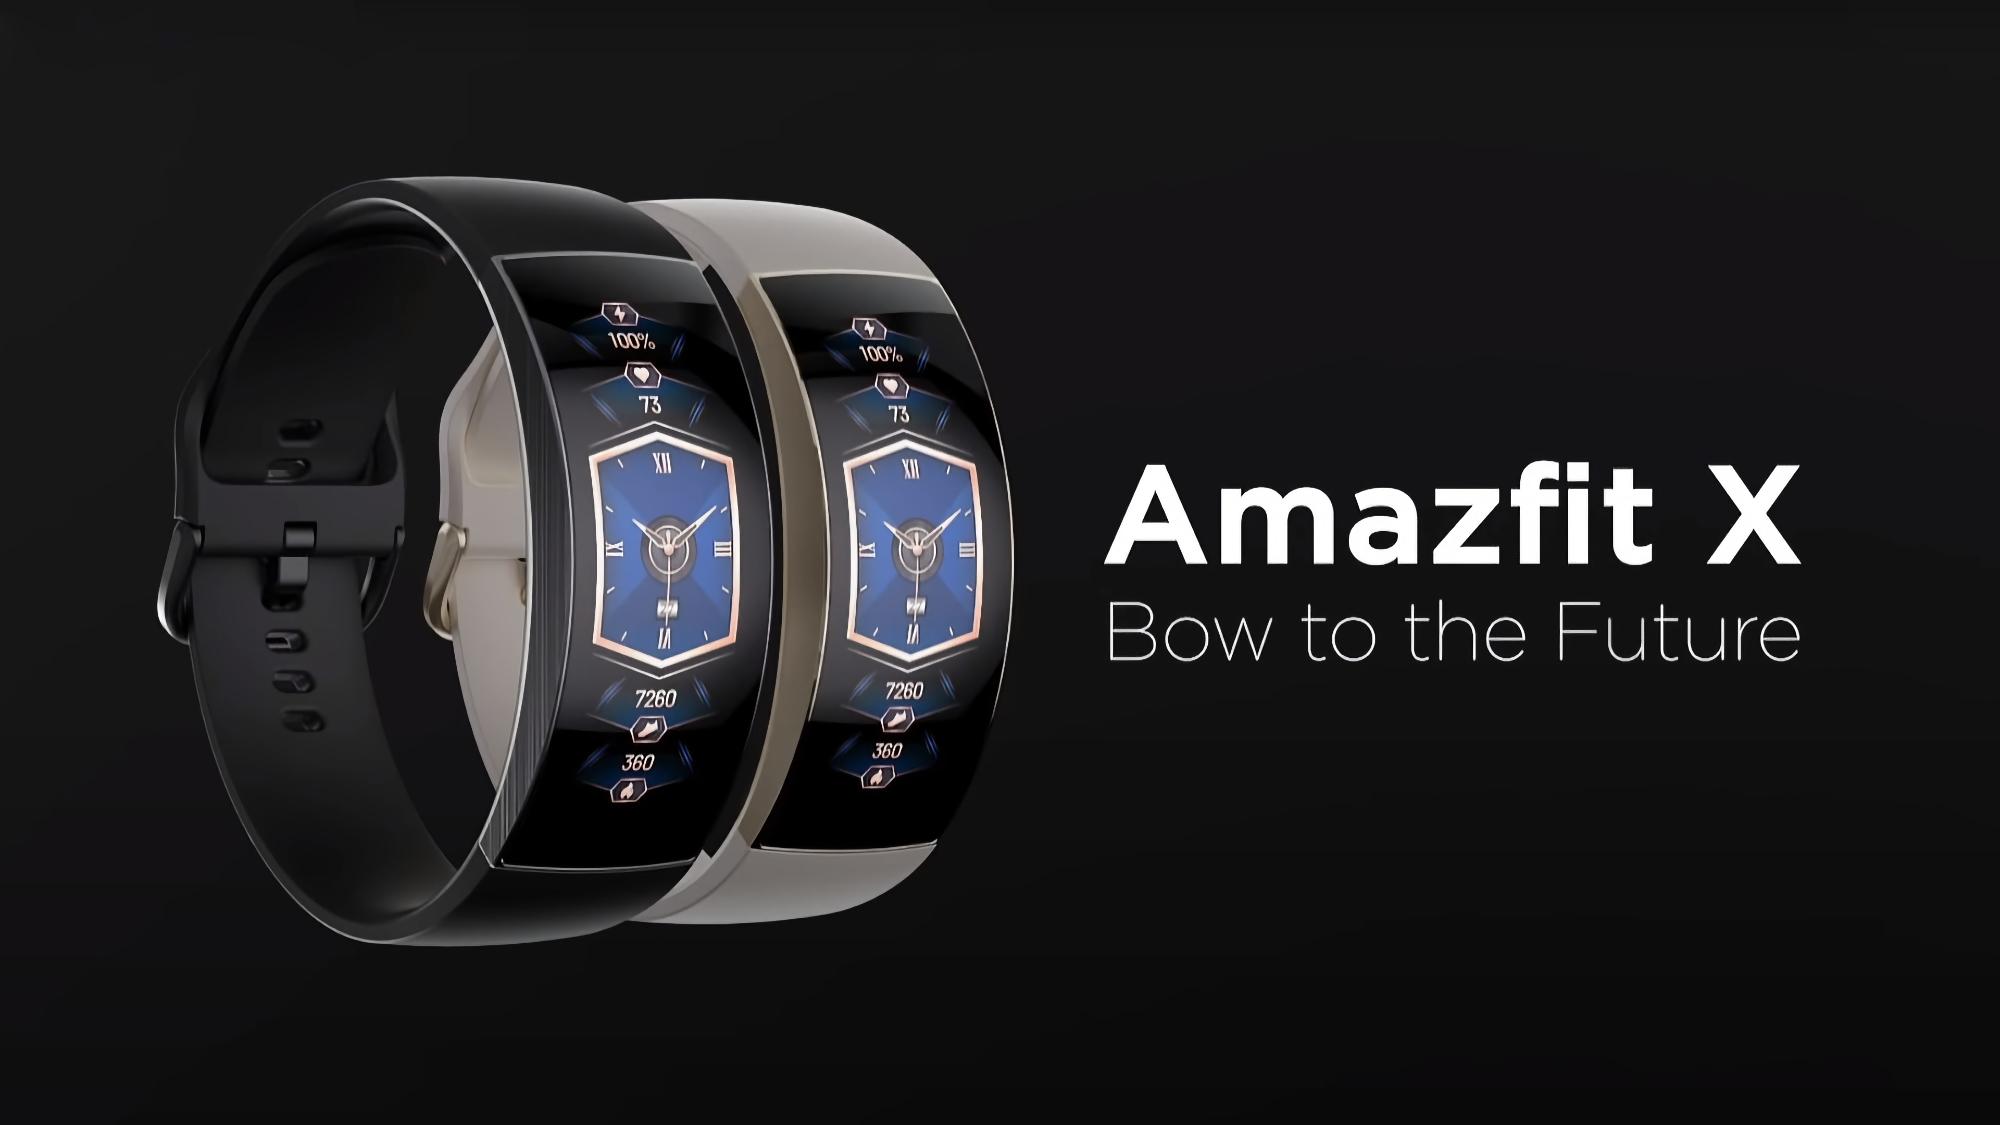 Смарт-часы Amazfit X с изогнутым AMOLED-дисплеем продают сейчас на AliExpress со скидкой